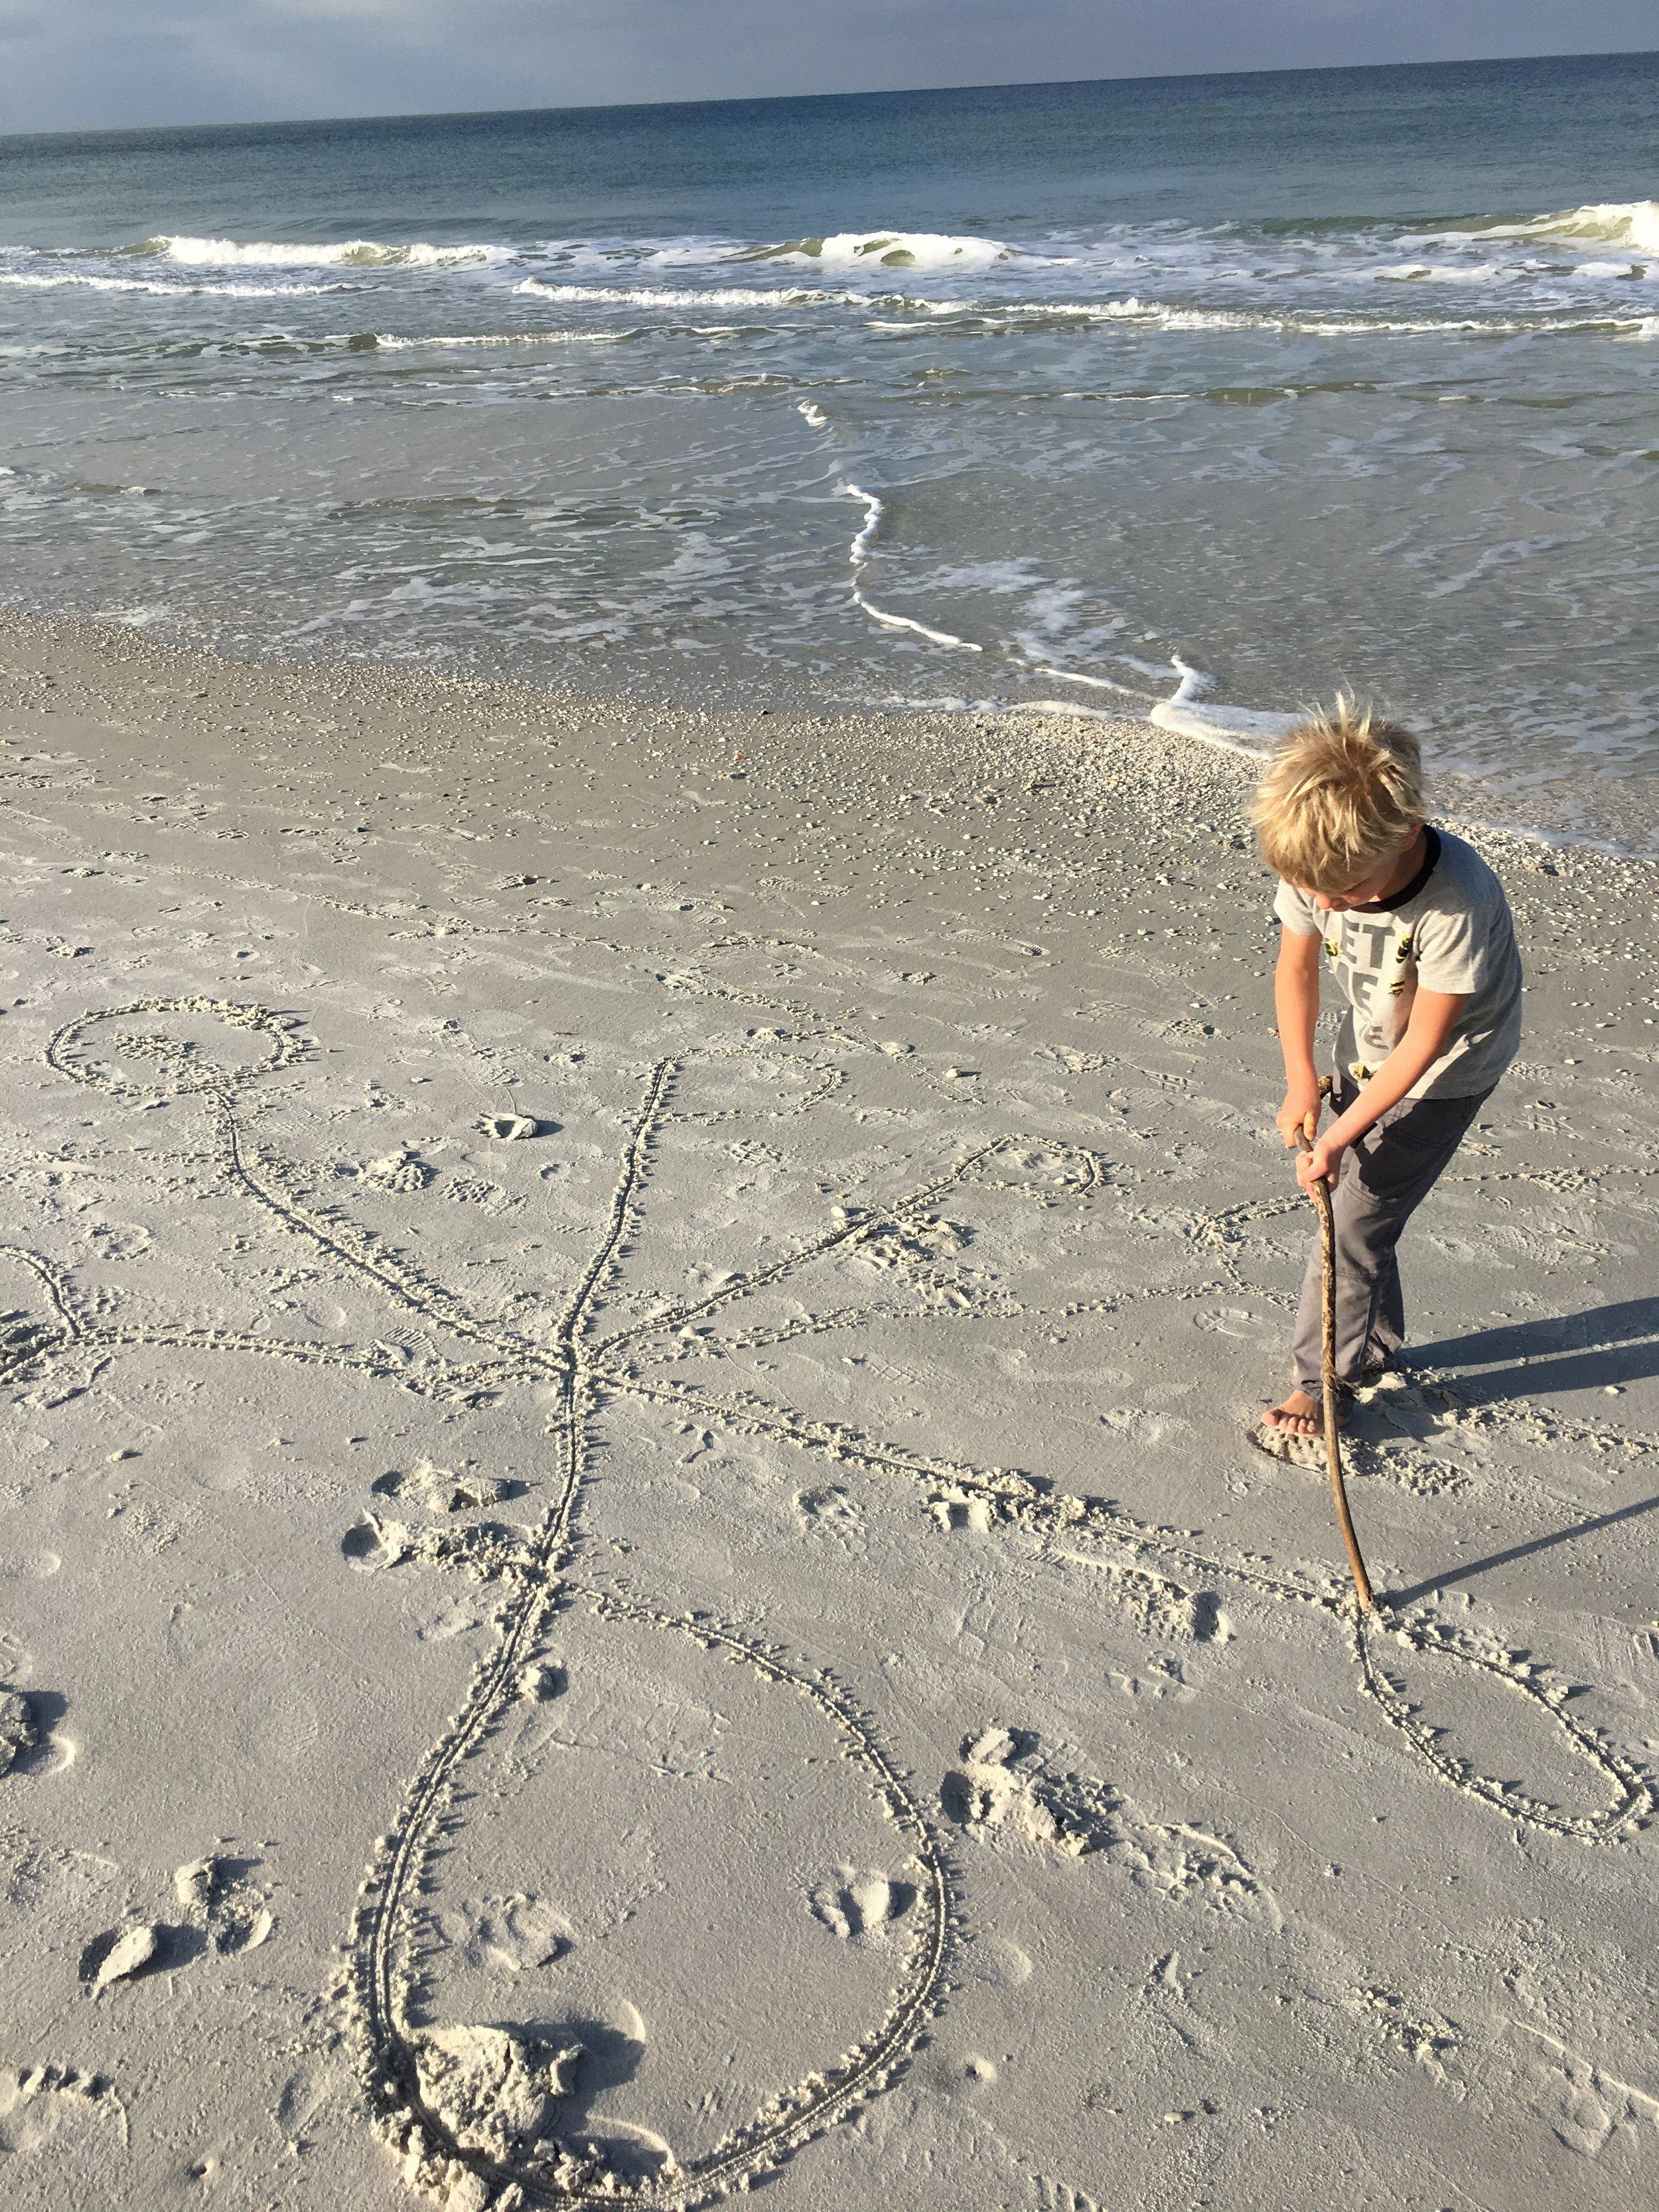 Joah noodling monster details in the sand.